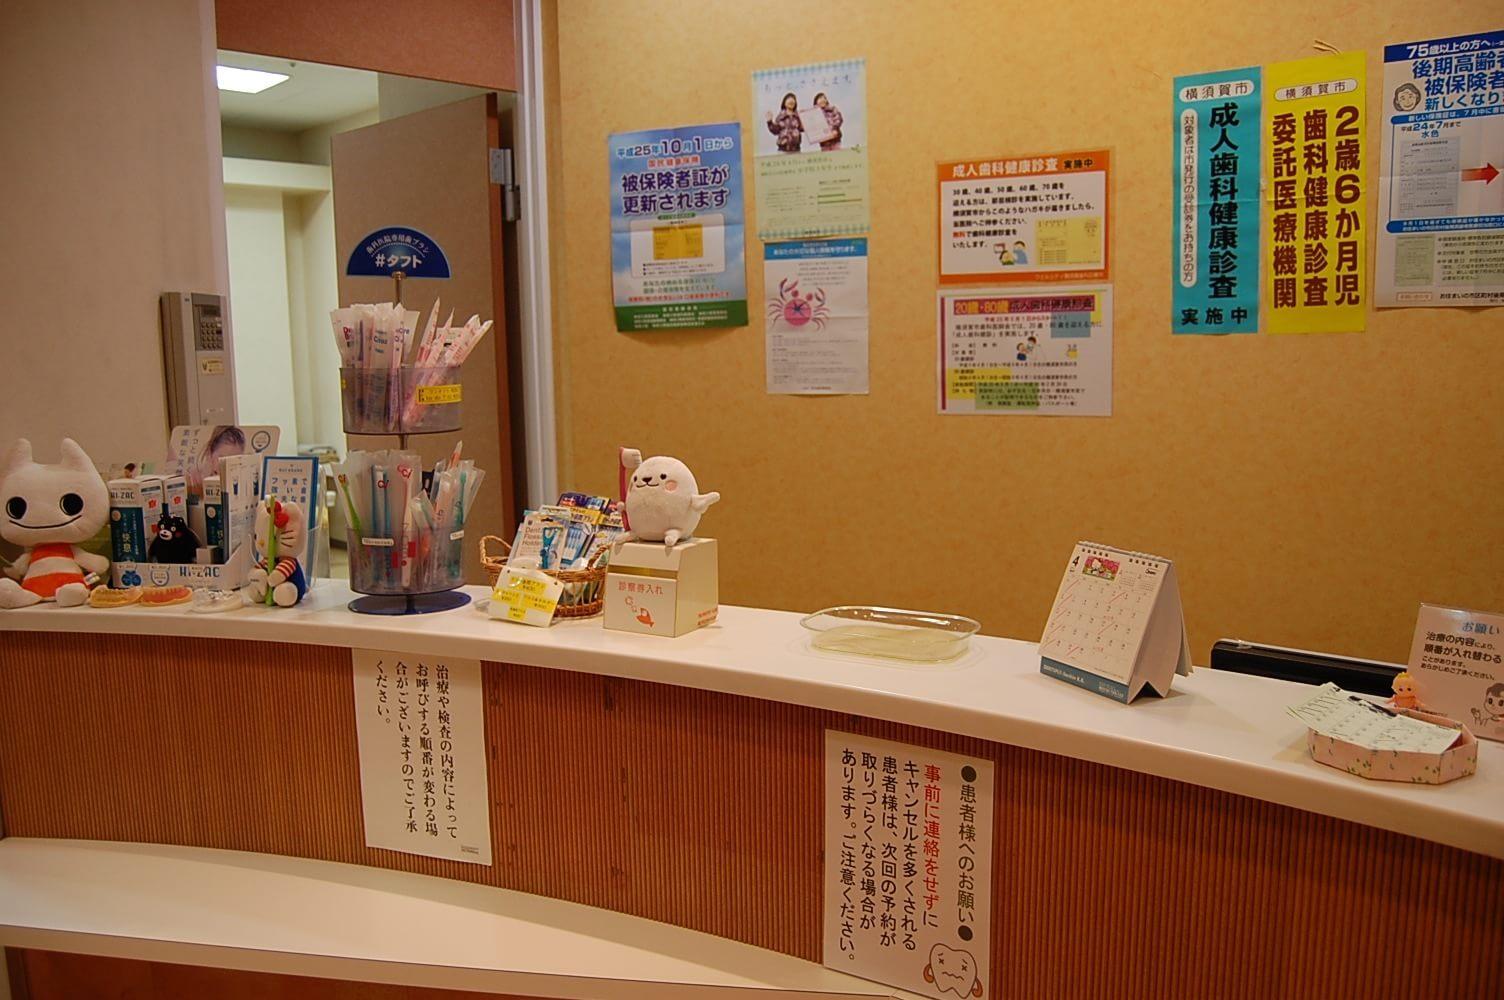 ウェルシティ横須賀歯科診療所2